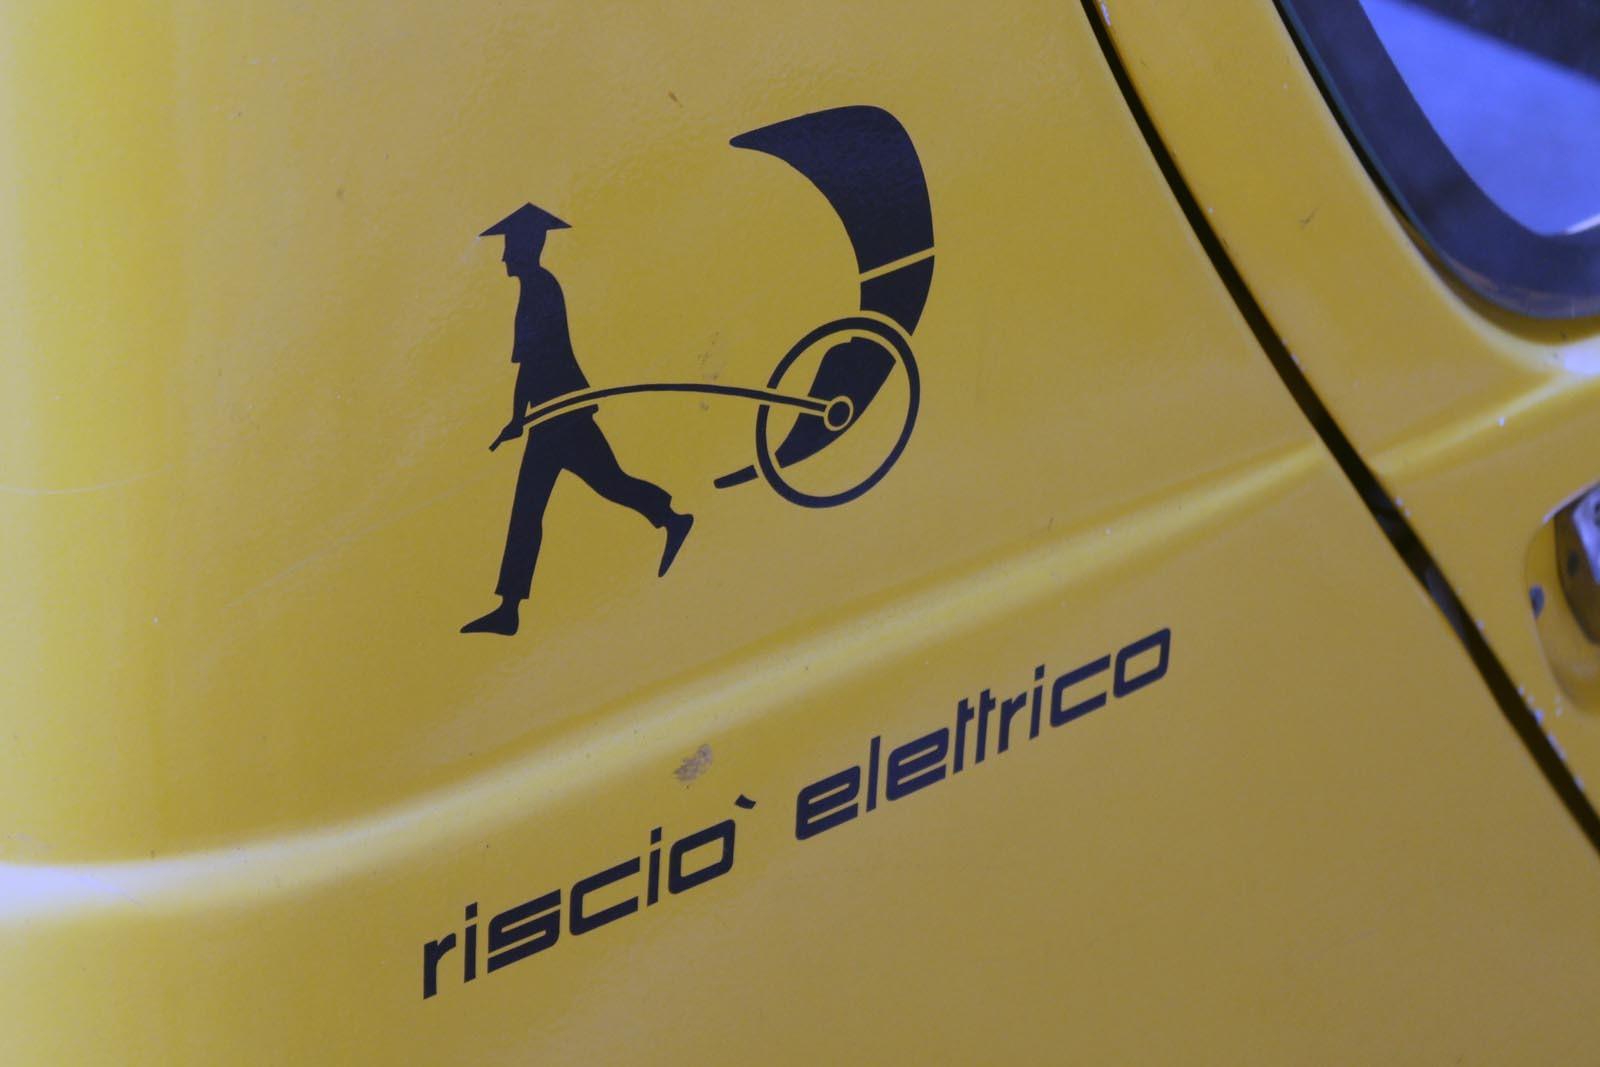 Ricsa electrica - o denumire hilara pentru acest vehicul electric